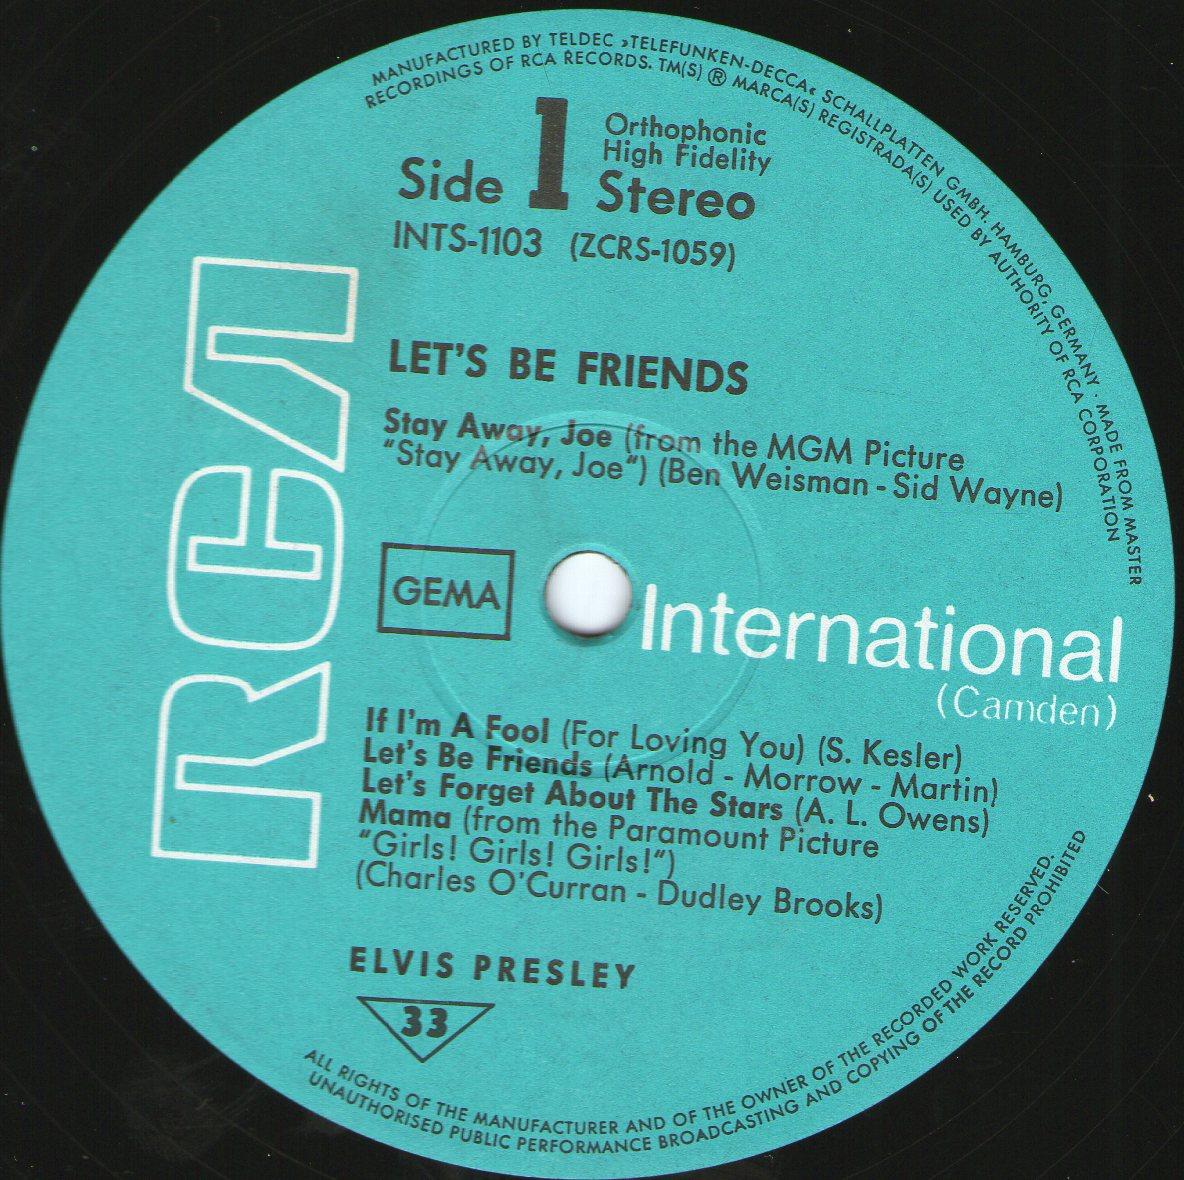 LET'S BE FRIENDS Letsbefriend26ndku